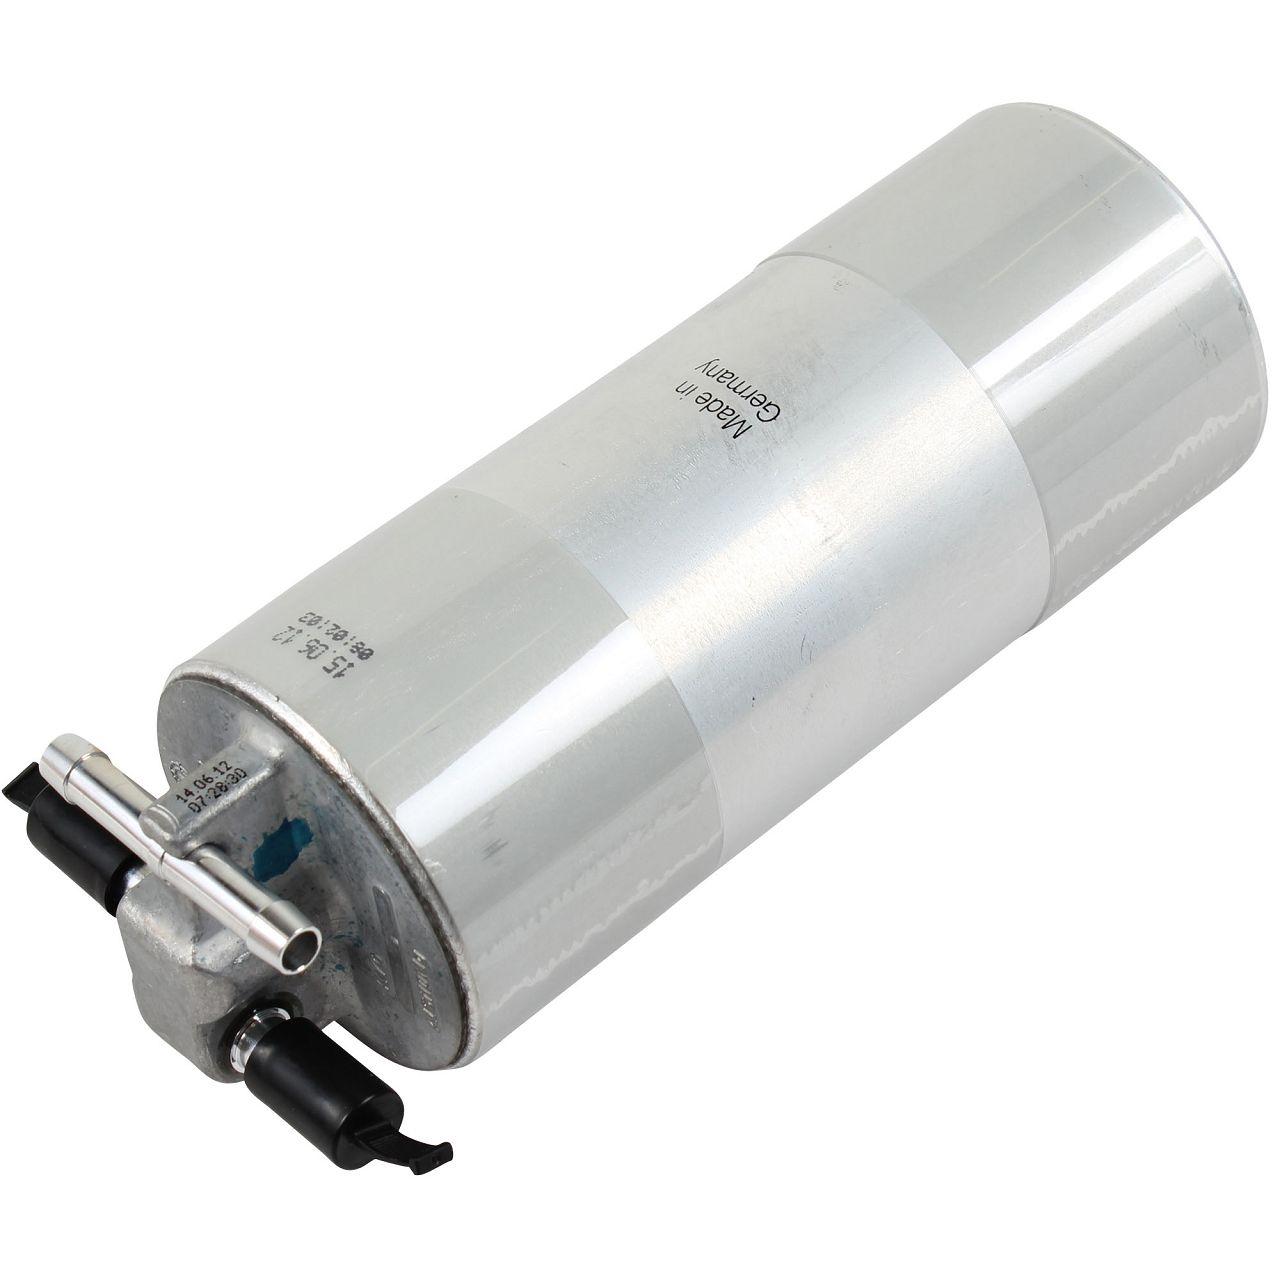 Inspektionskit Filterpaket Filterset für AUDI A6 C6 2.7 / 3.0 TDI ab BJ 10.2008